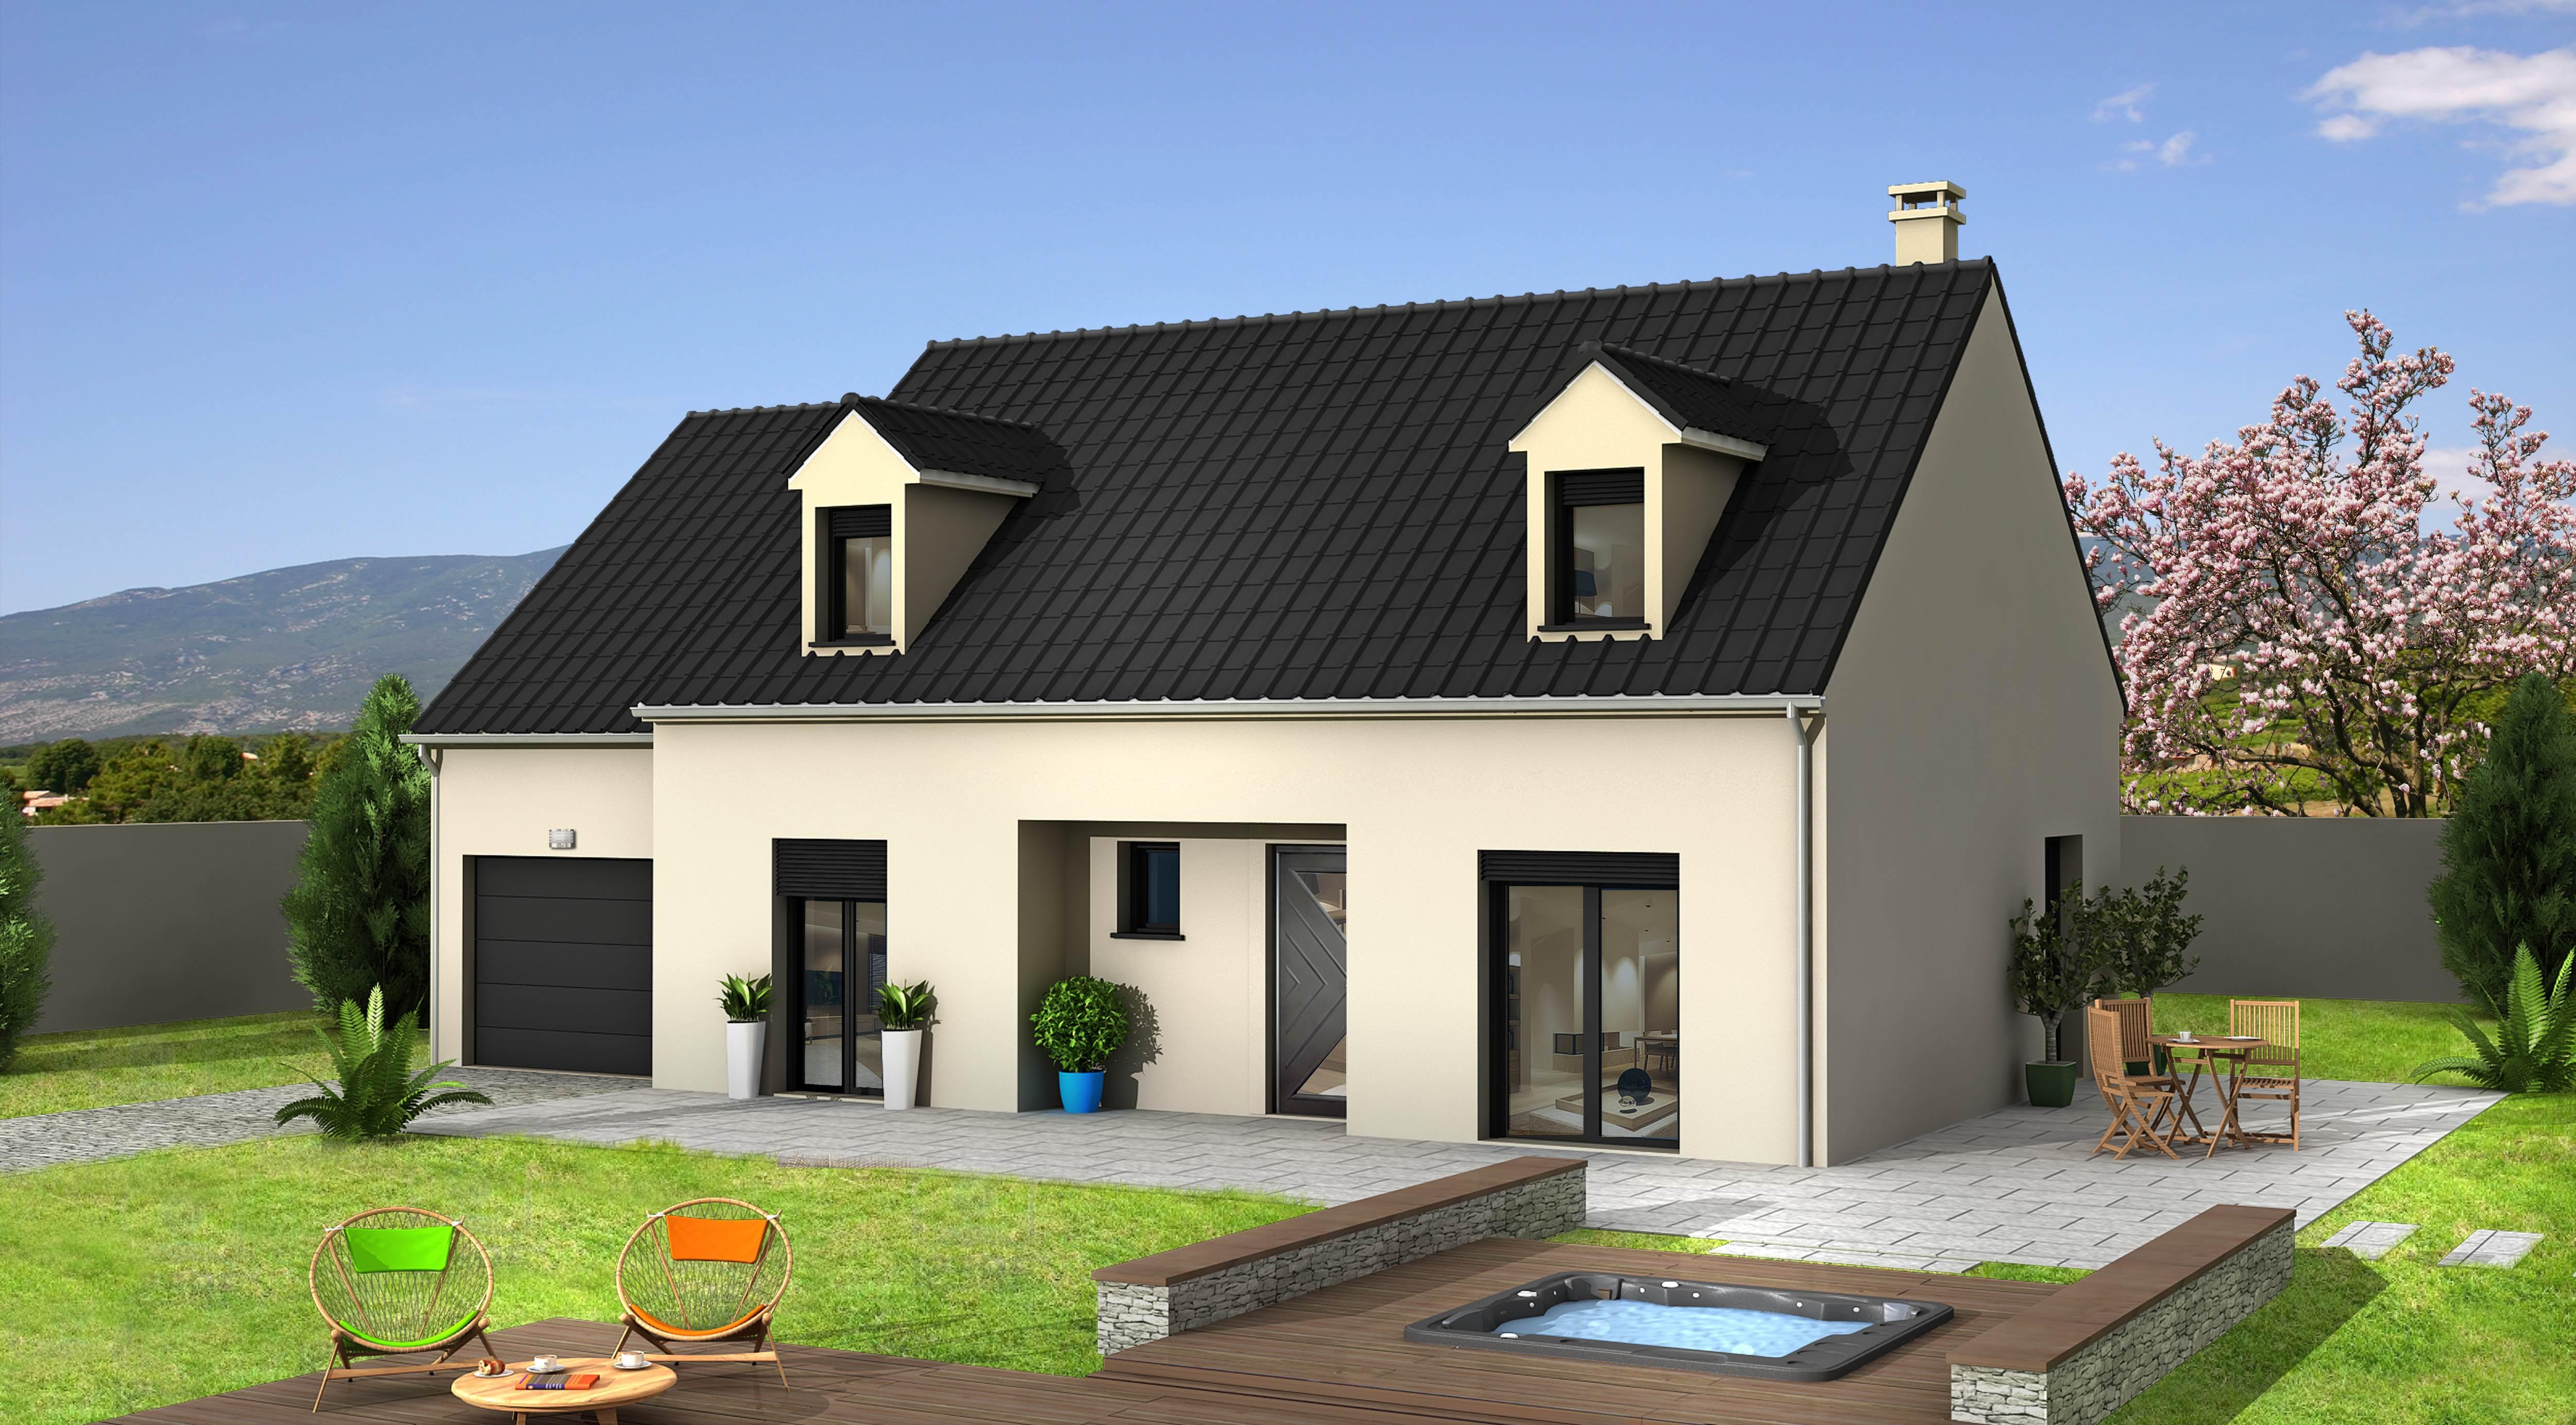 annonce vente maison bazancourt 51110 108 m 206 905